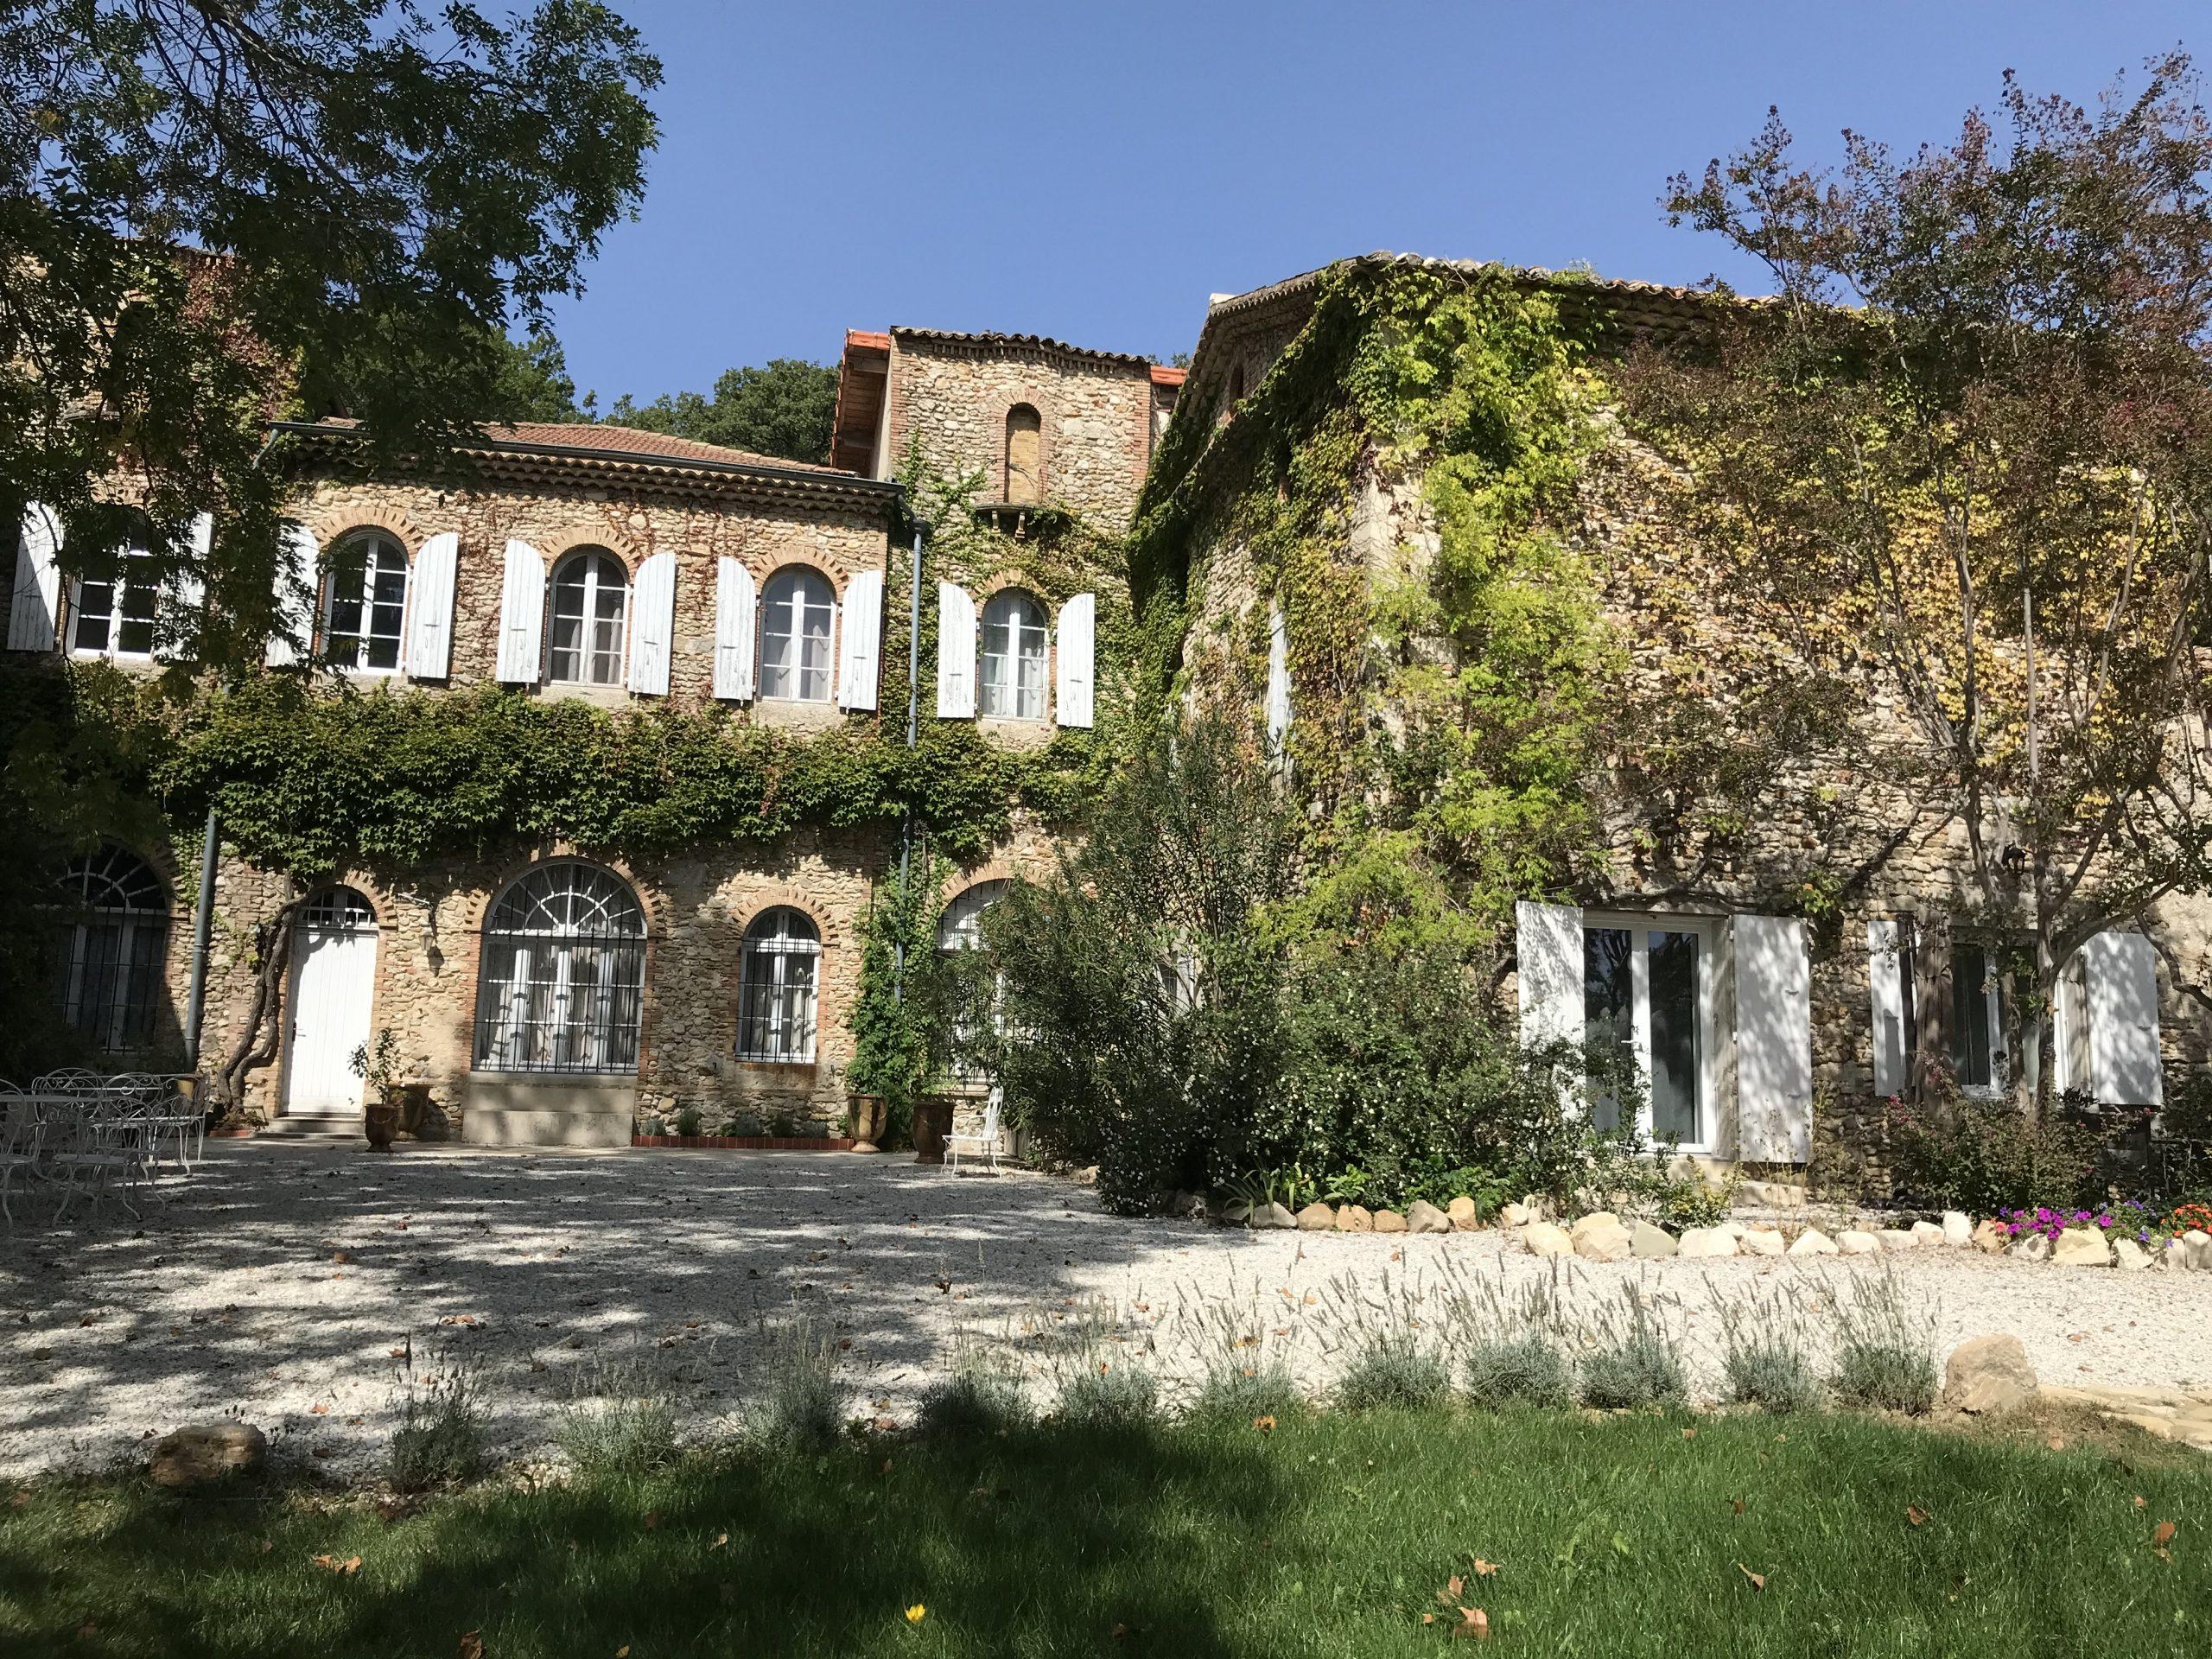 Le Domaine Les Joies : des gîtes de charme au coeur de la Drôme